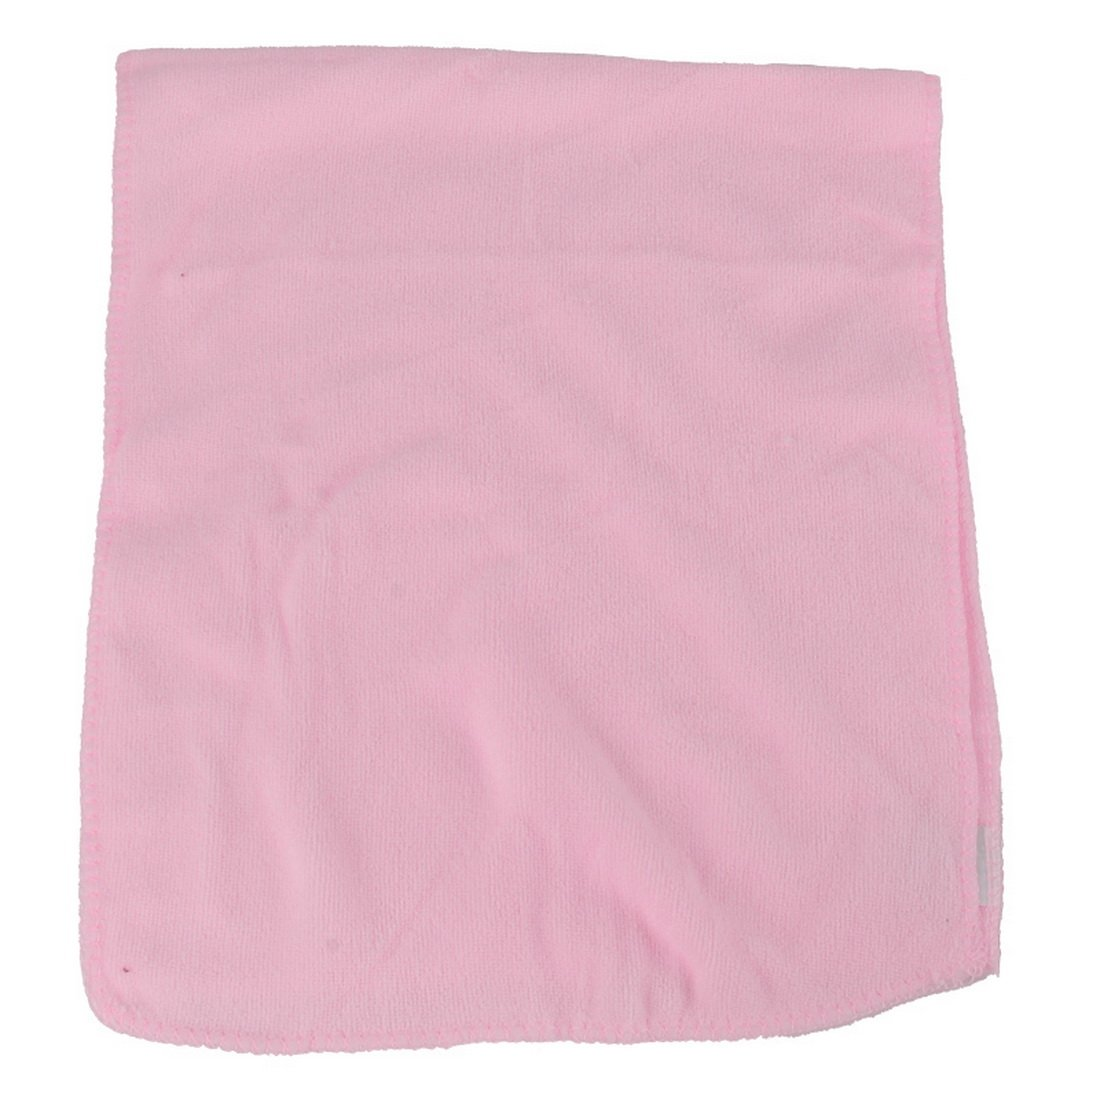 Hoomall Serviettes Microfibres Absorbante Toilette Salle de Bain S/échage Rapide Portable Couleur Rose 30x70cm